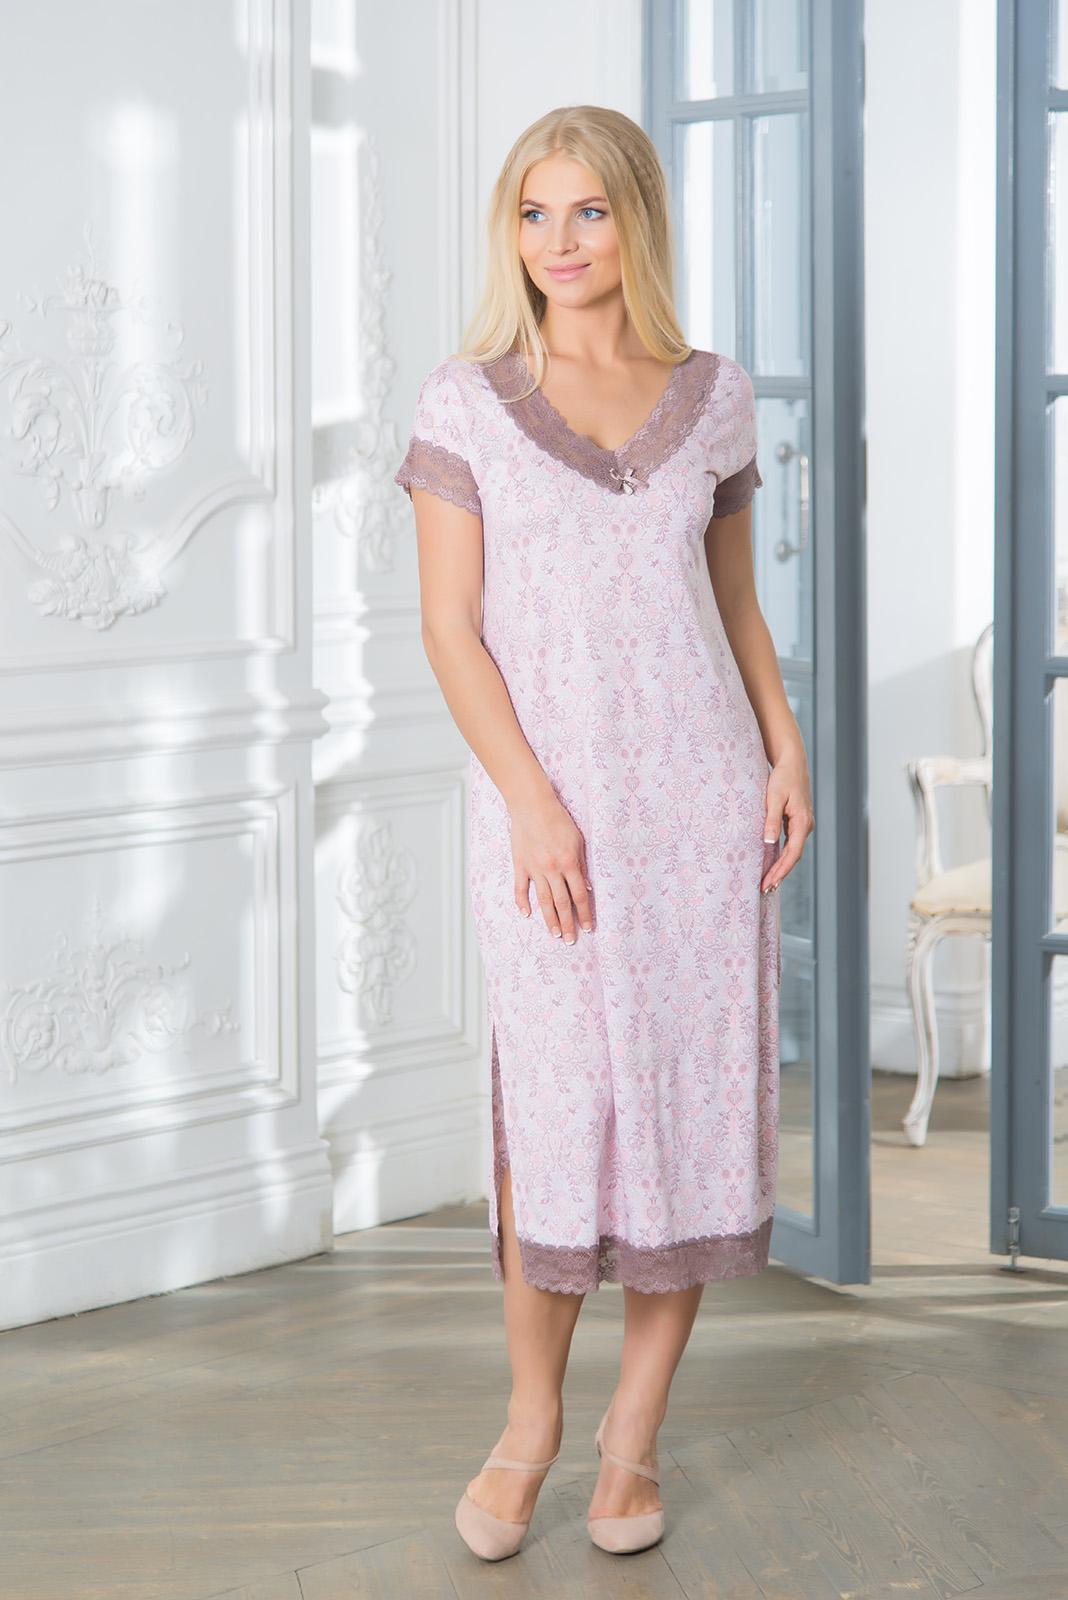 Ночные сорочки Mia Cara Ночная сорочка Meryle Цвет: Сиреневый (S) пижамы mia cara пижама paulina цвет сиреневый s